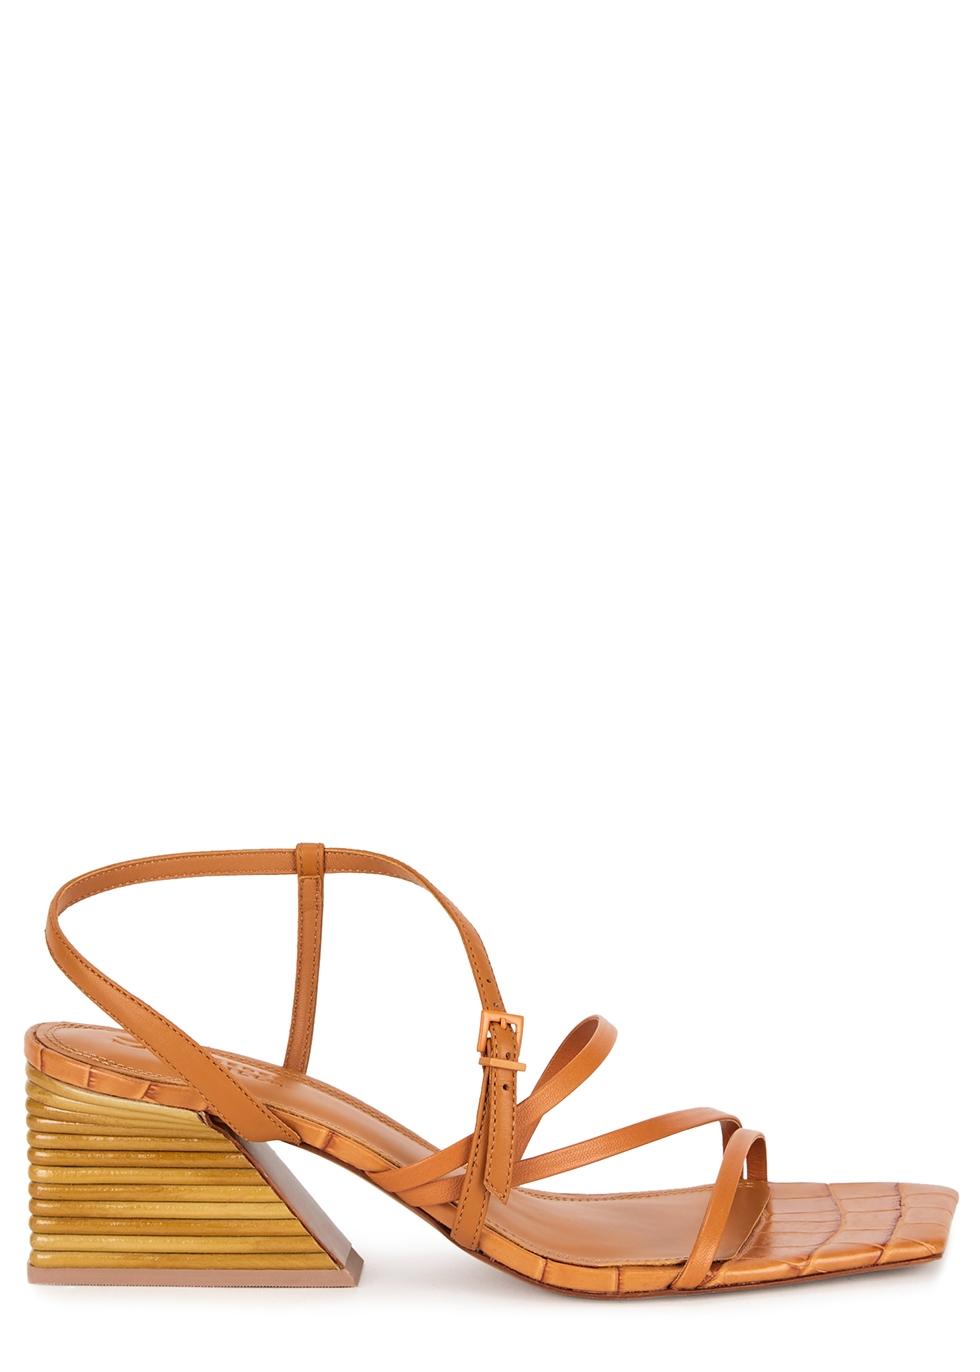 Kelsie 70 brown leather sandals